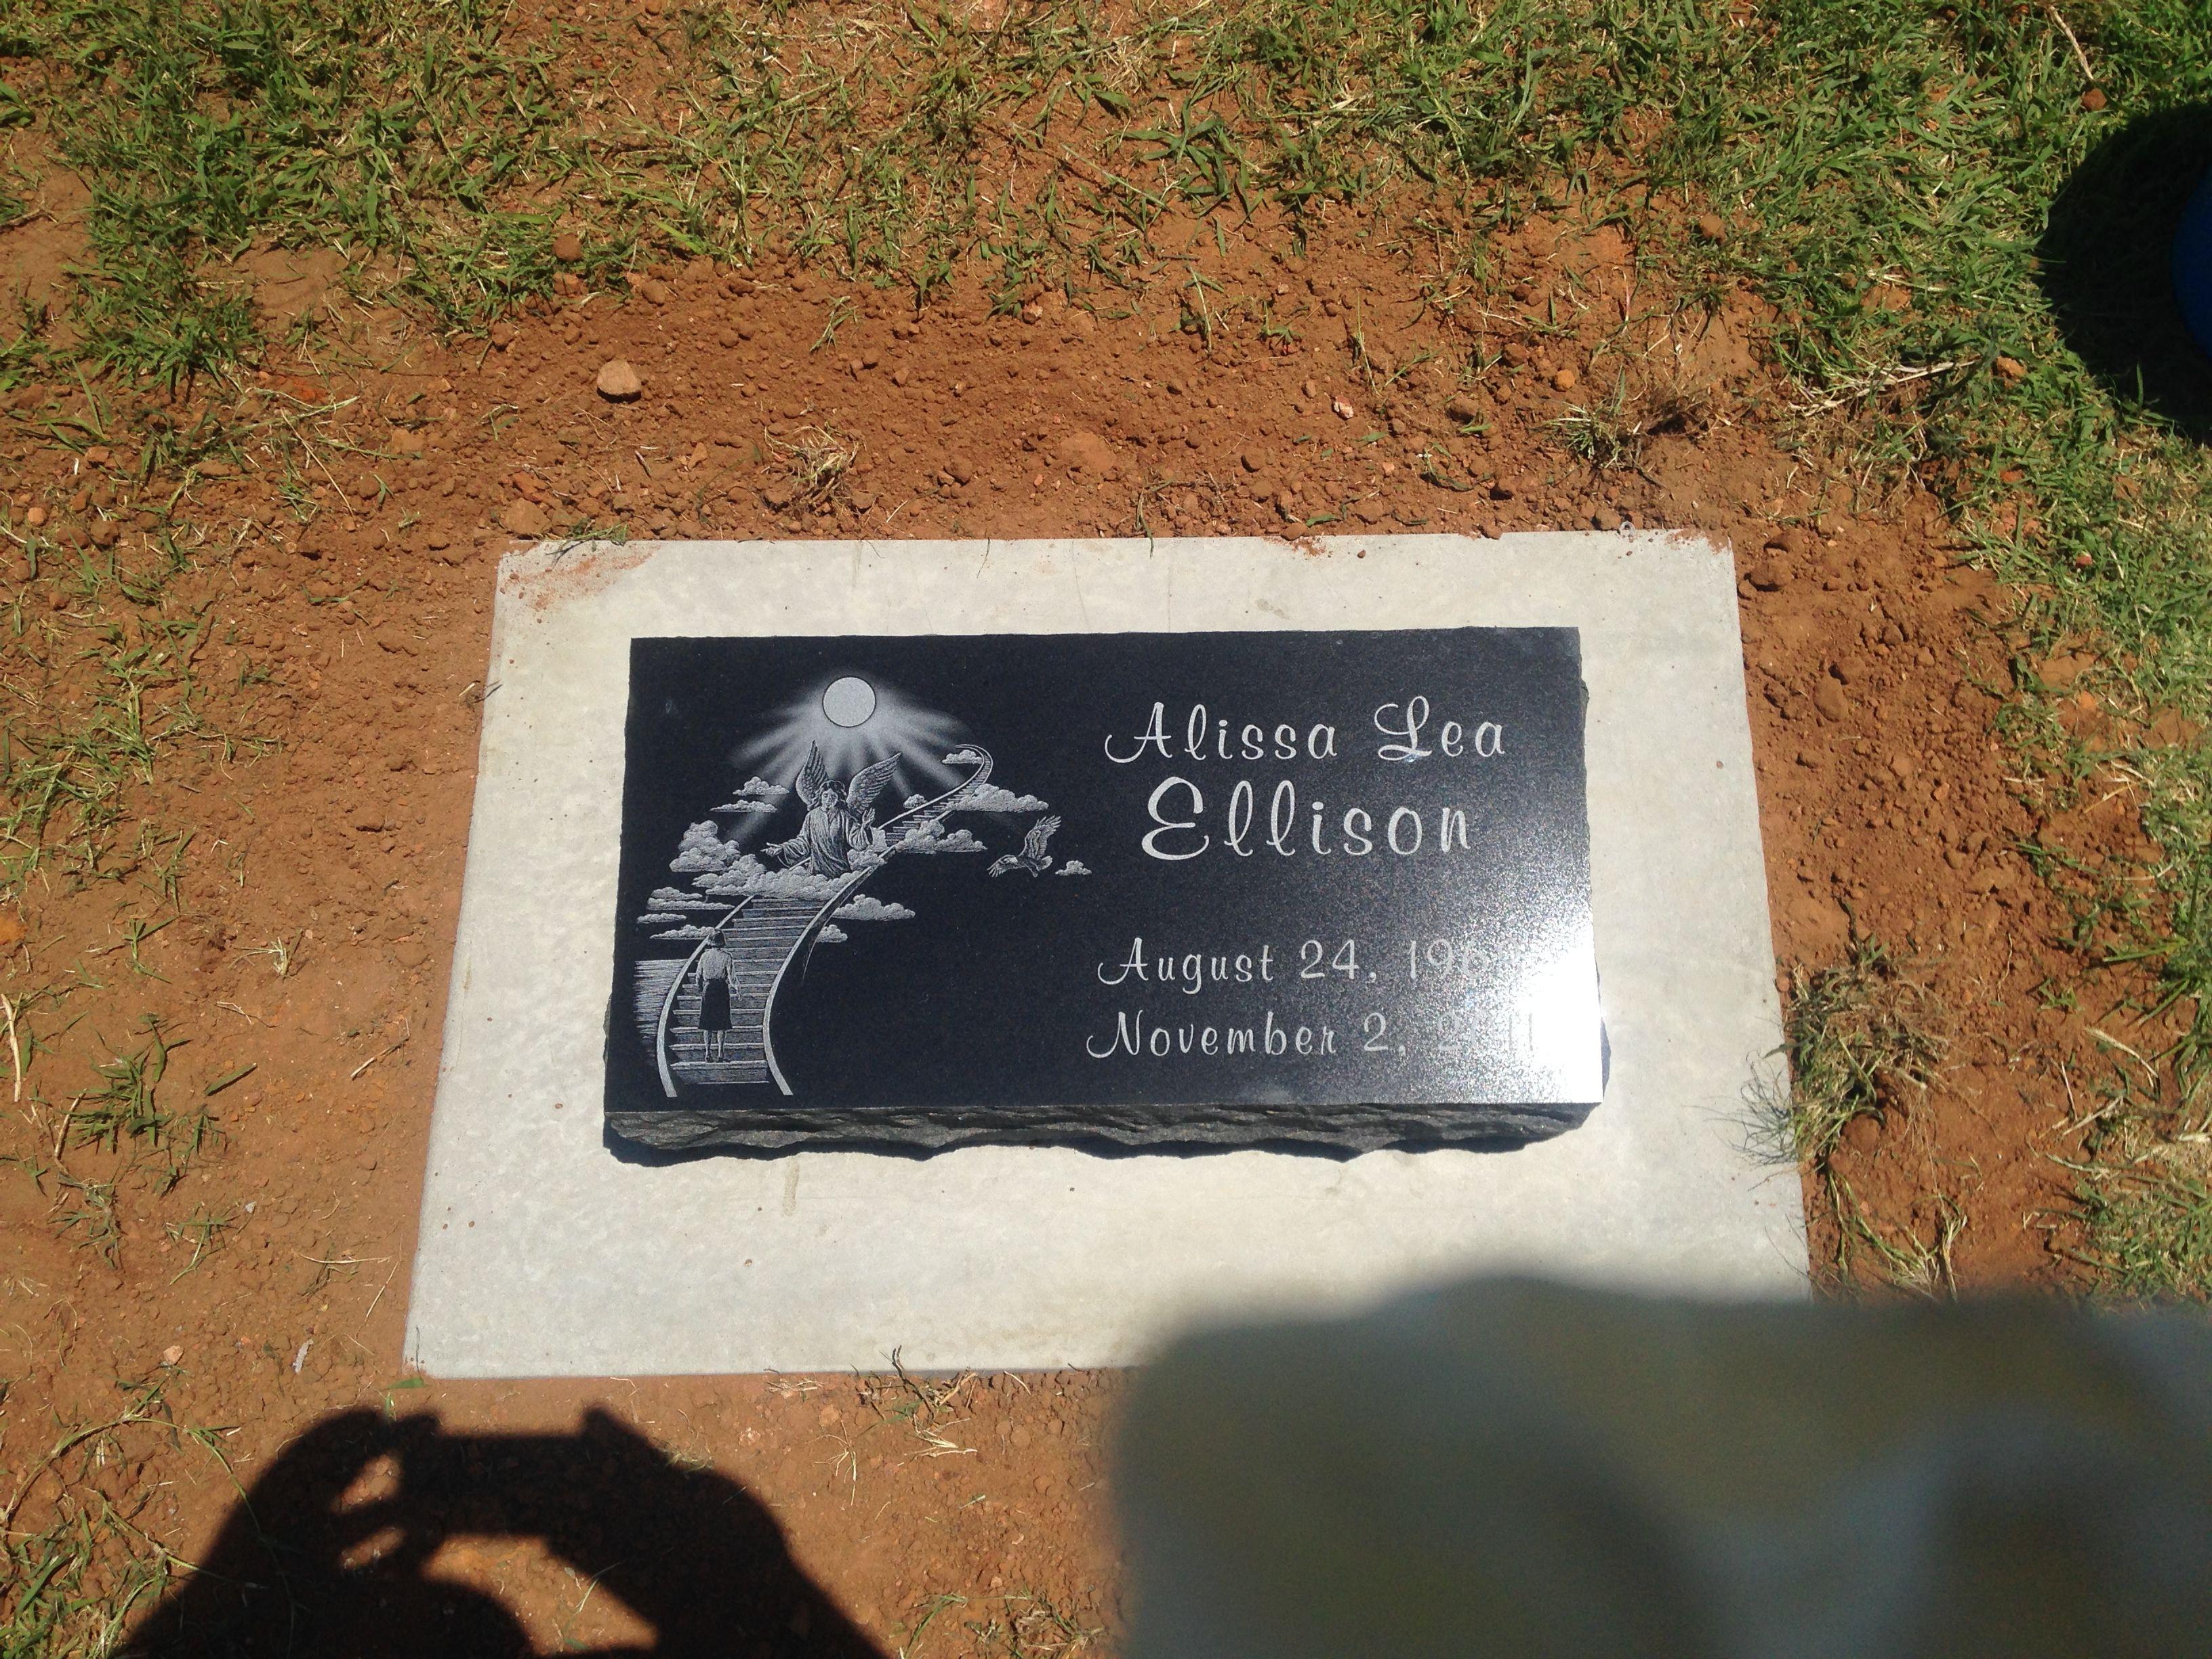 Ellison, Lawrie